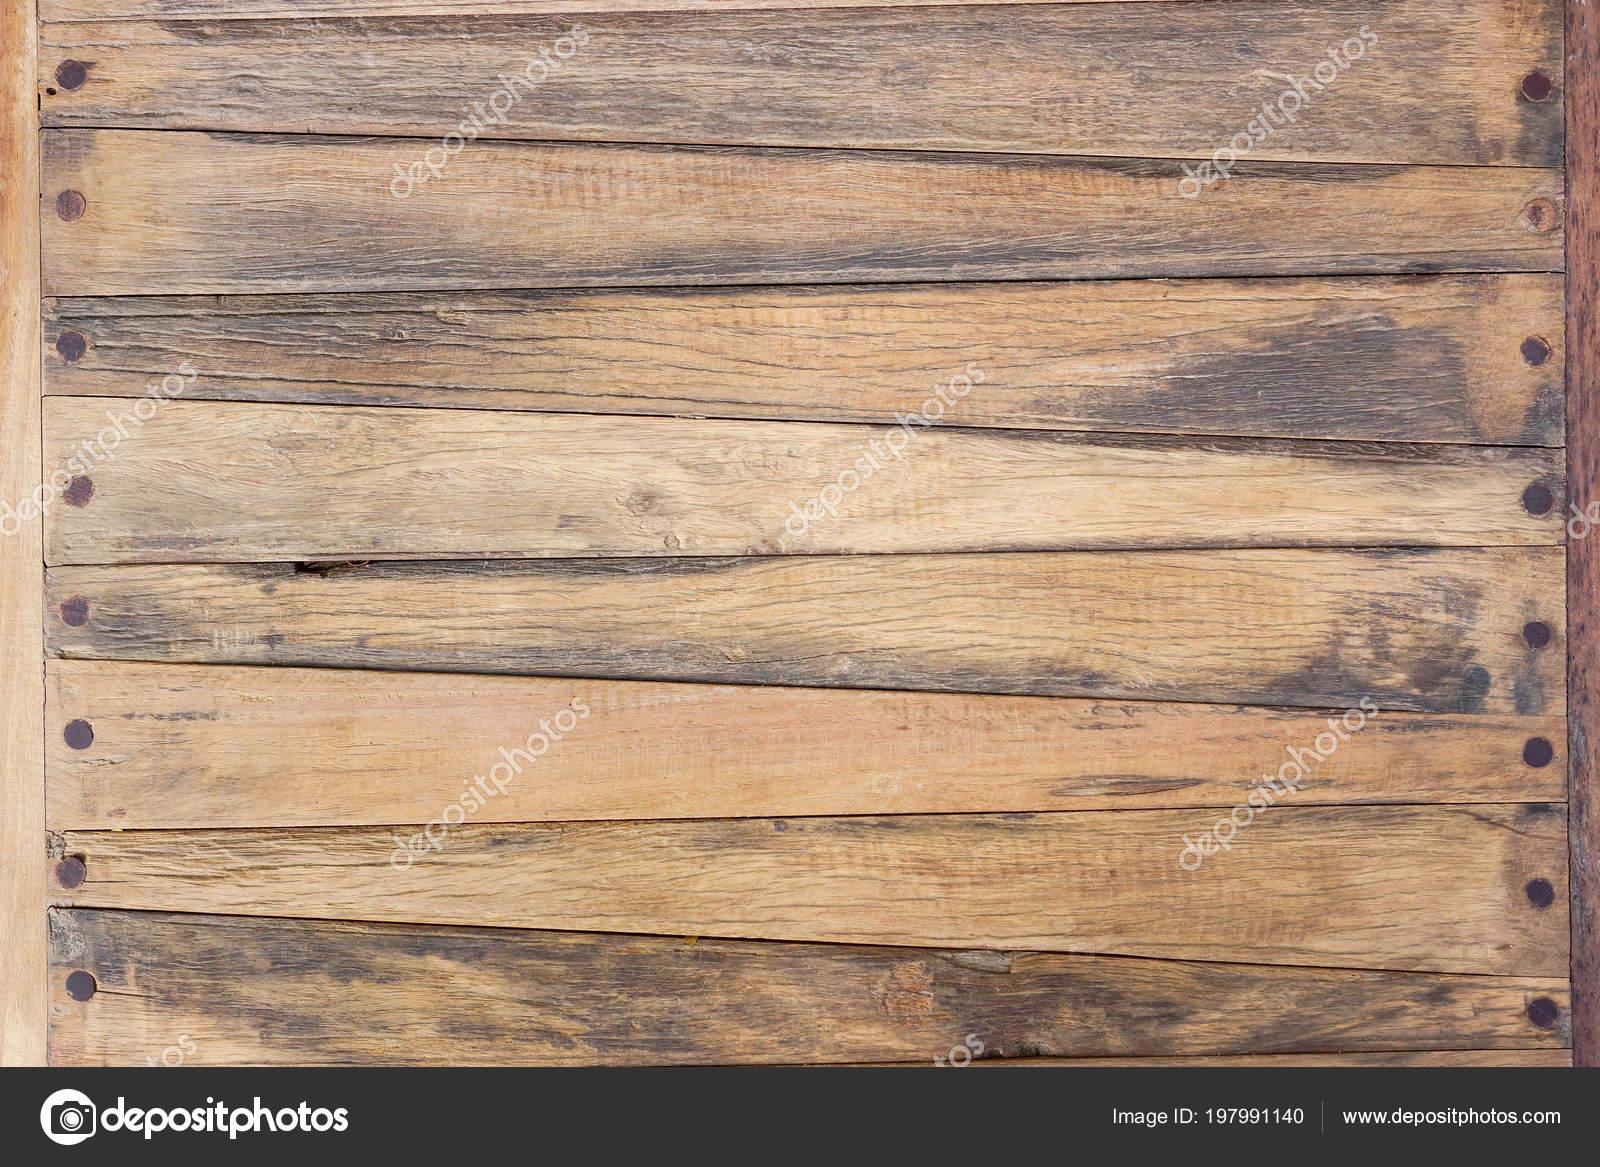 Houten Plank Voor Aan Muur.Houten Planken Aan De Muur Rustieke Houten Wand Plank Handdoek